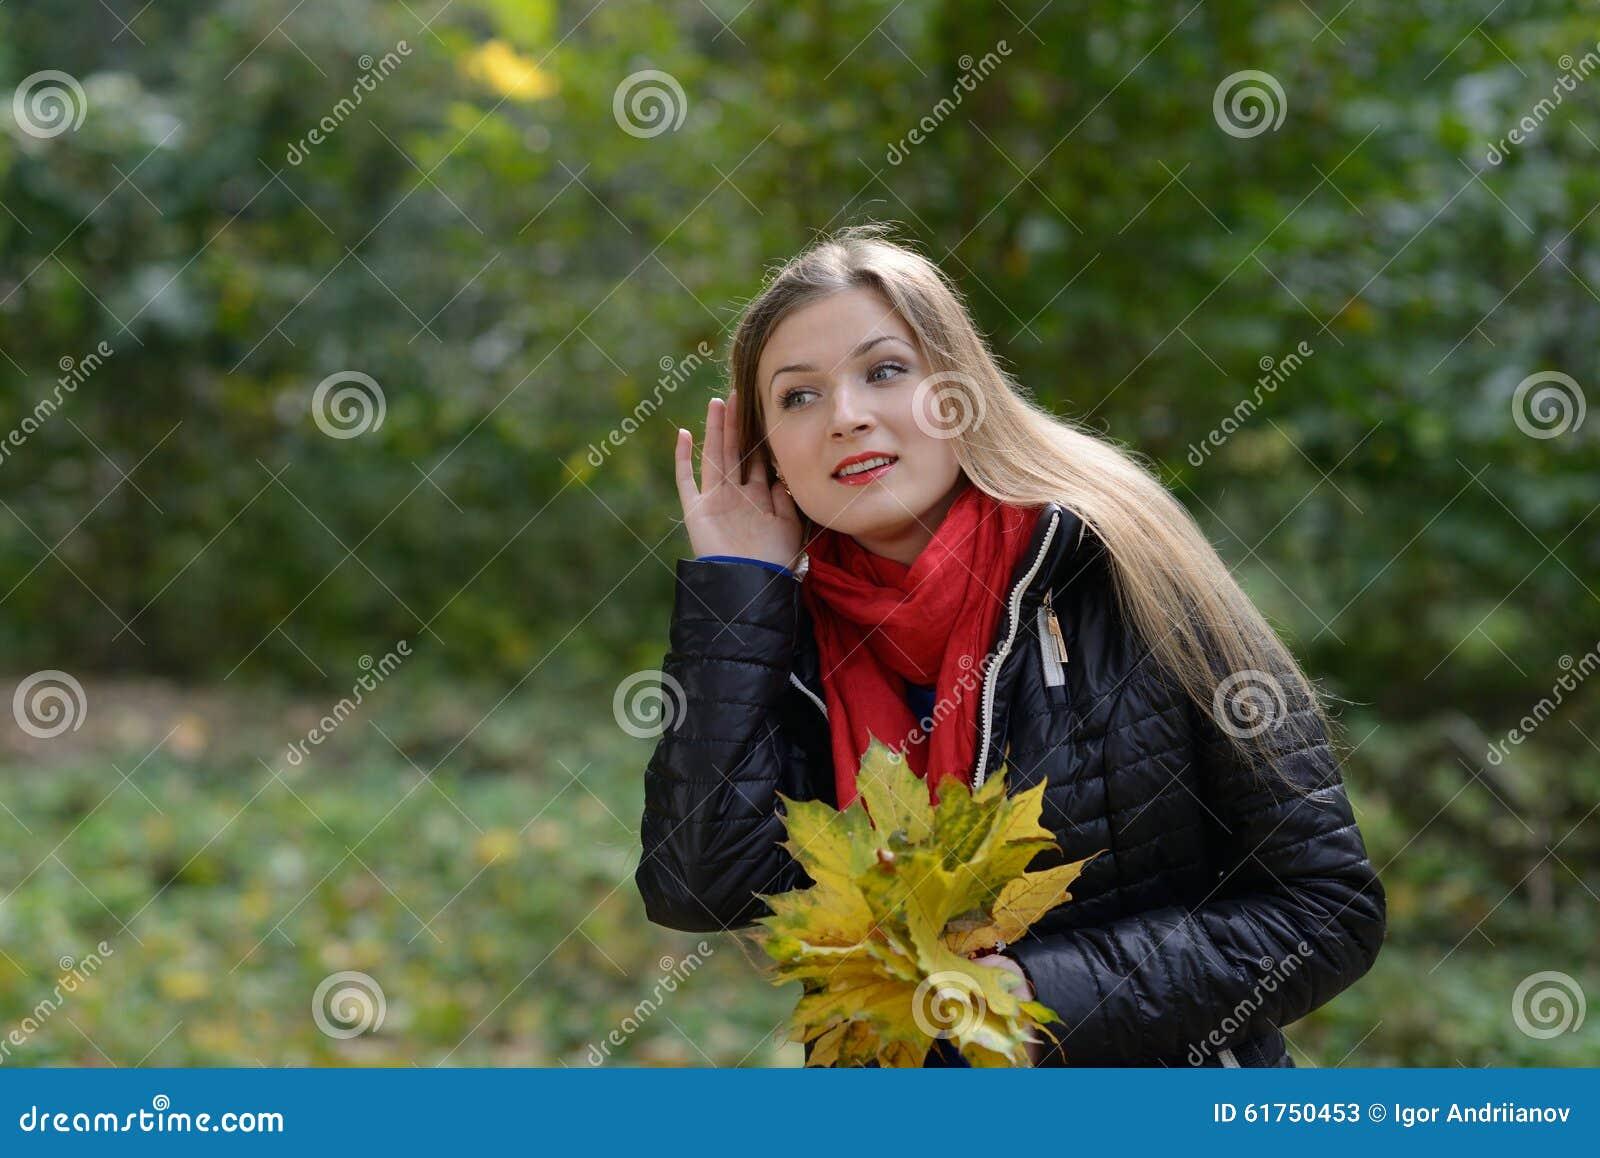 Mujer con chisme que escucha de las hojas de otoño a disposición